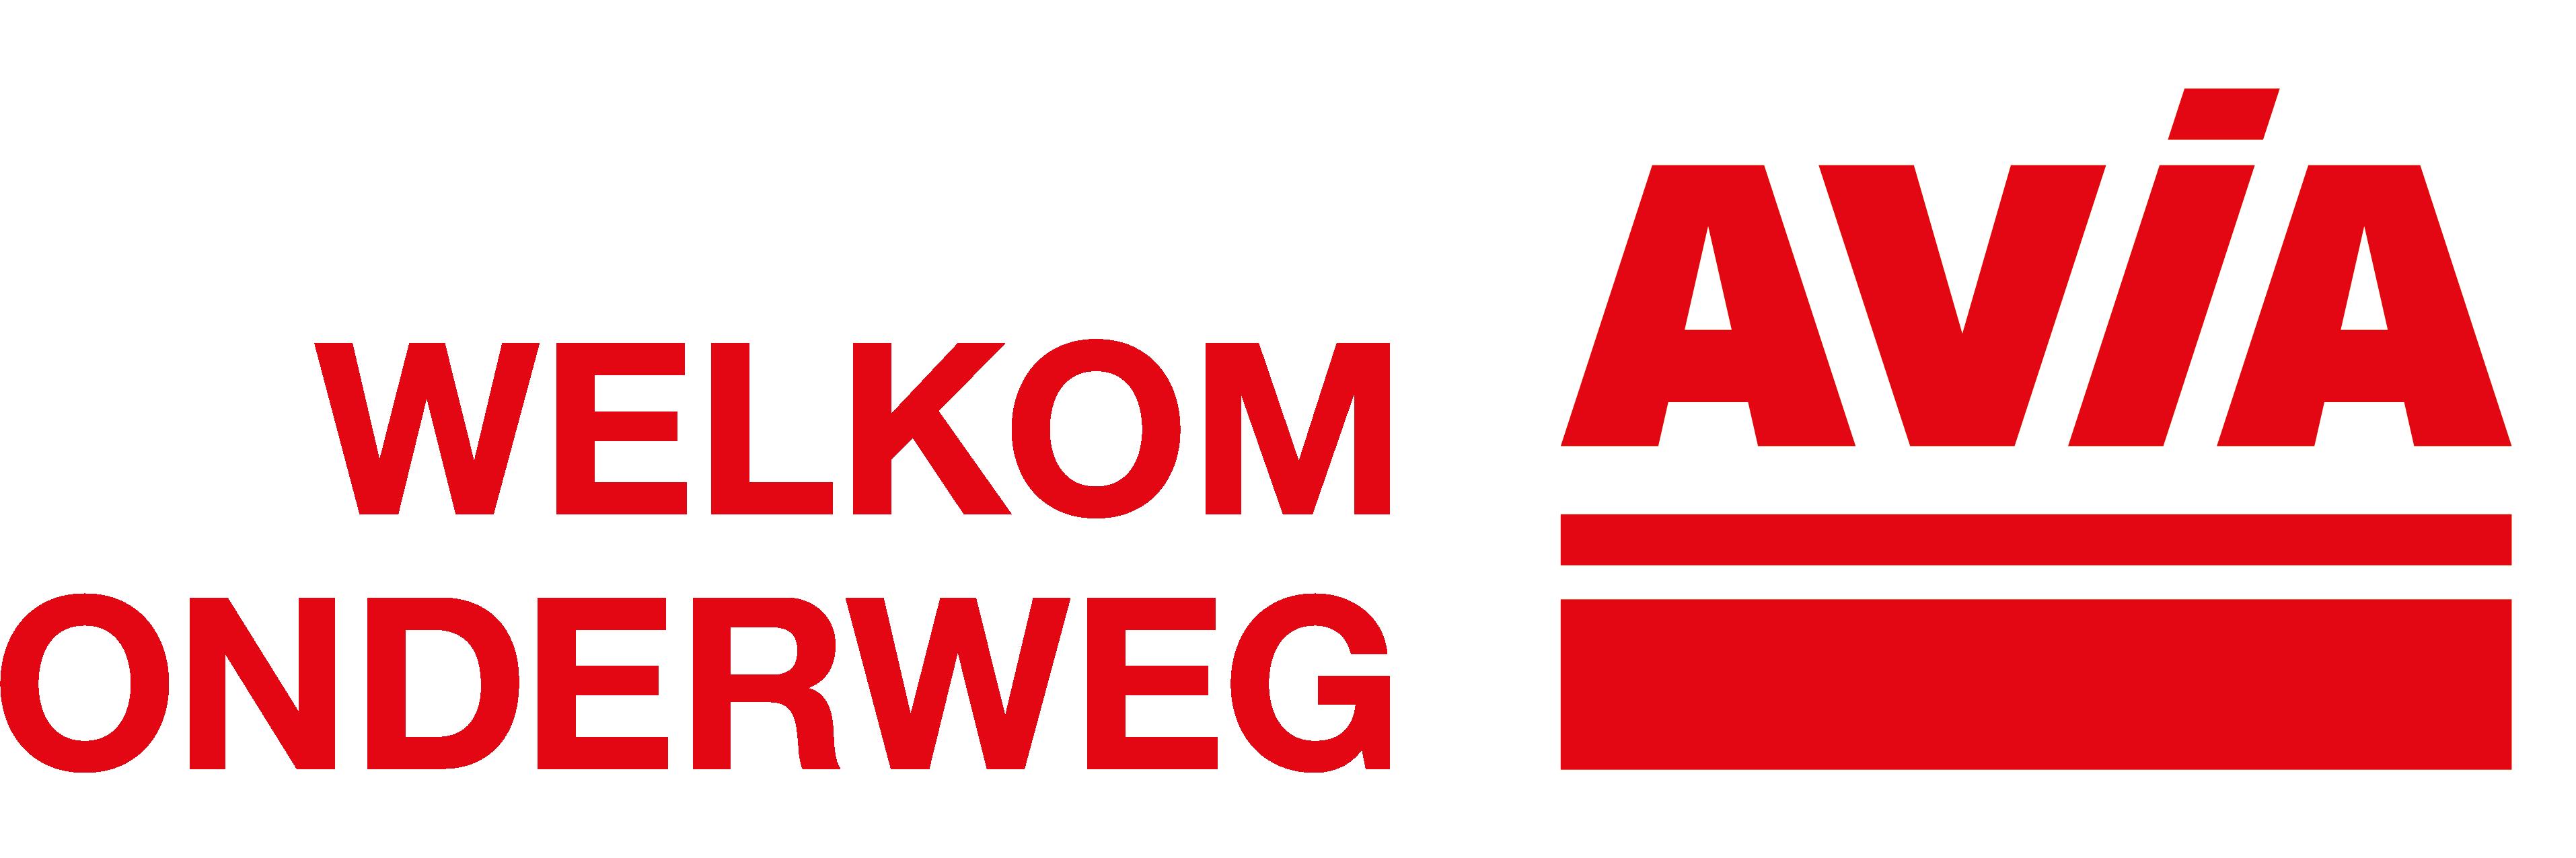 AVIA Weghorst